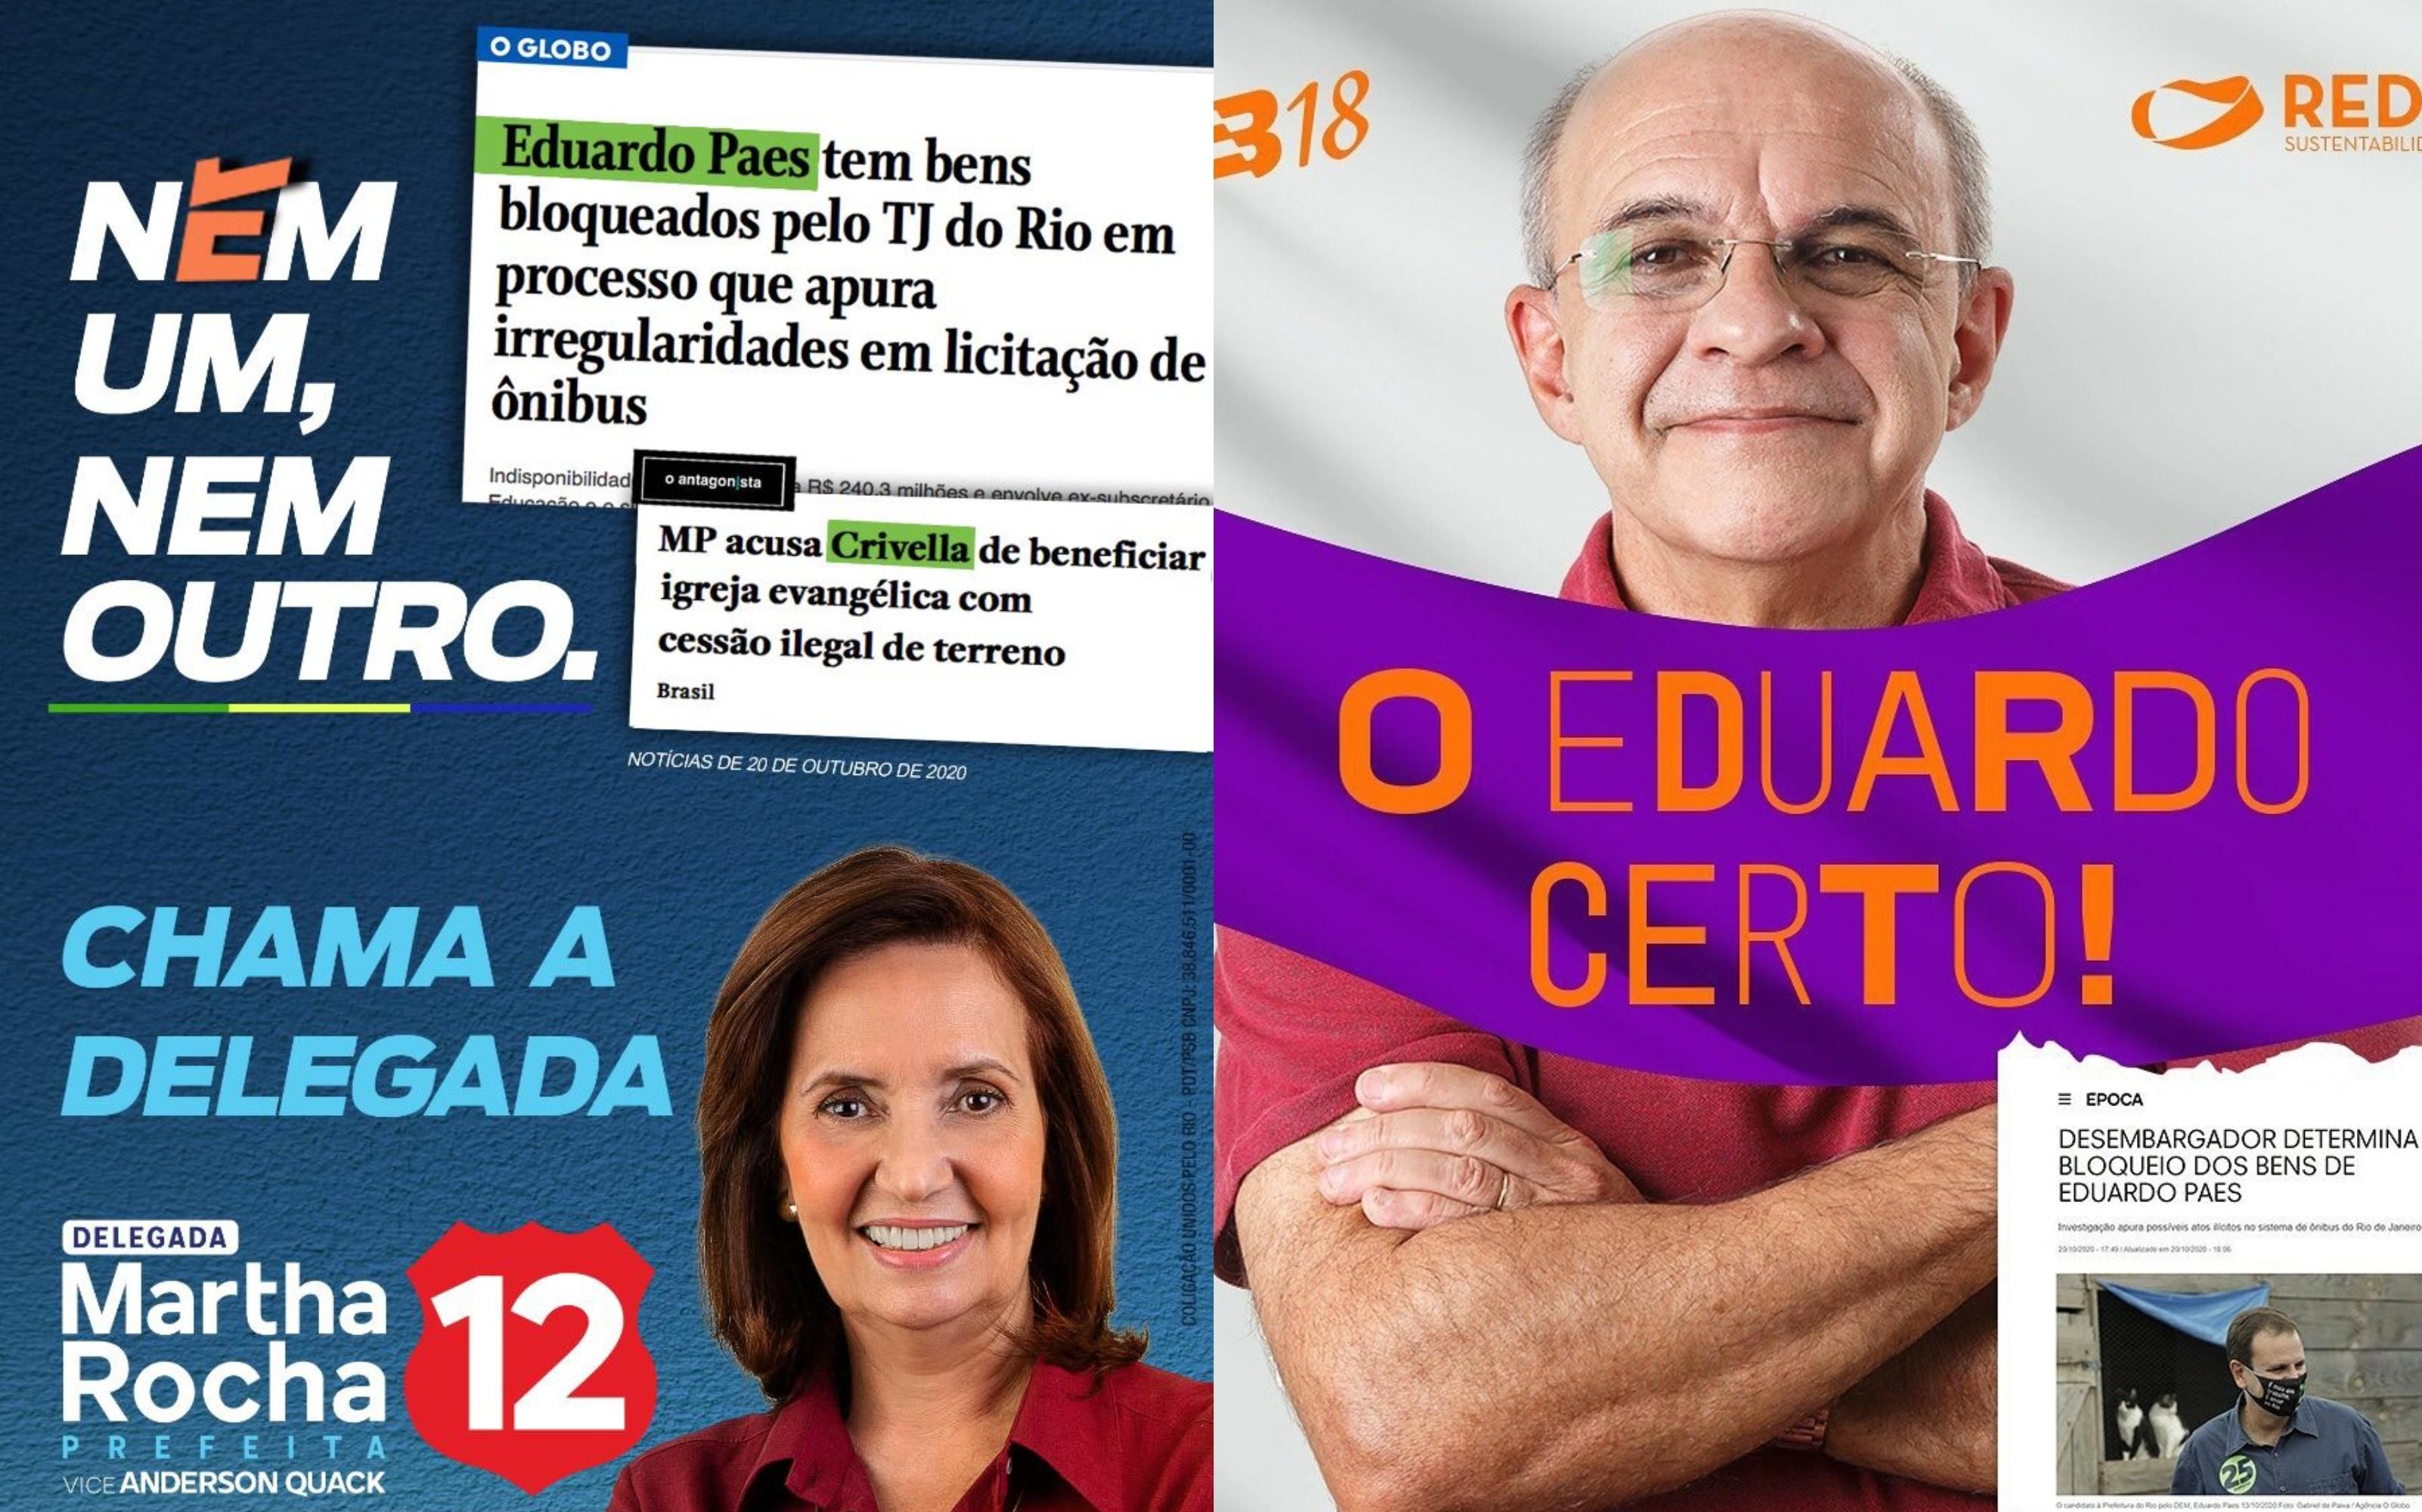 Martha Rocha e Bandeira de Mello em ação nas redes sociais